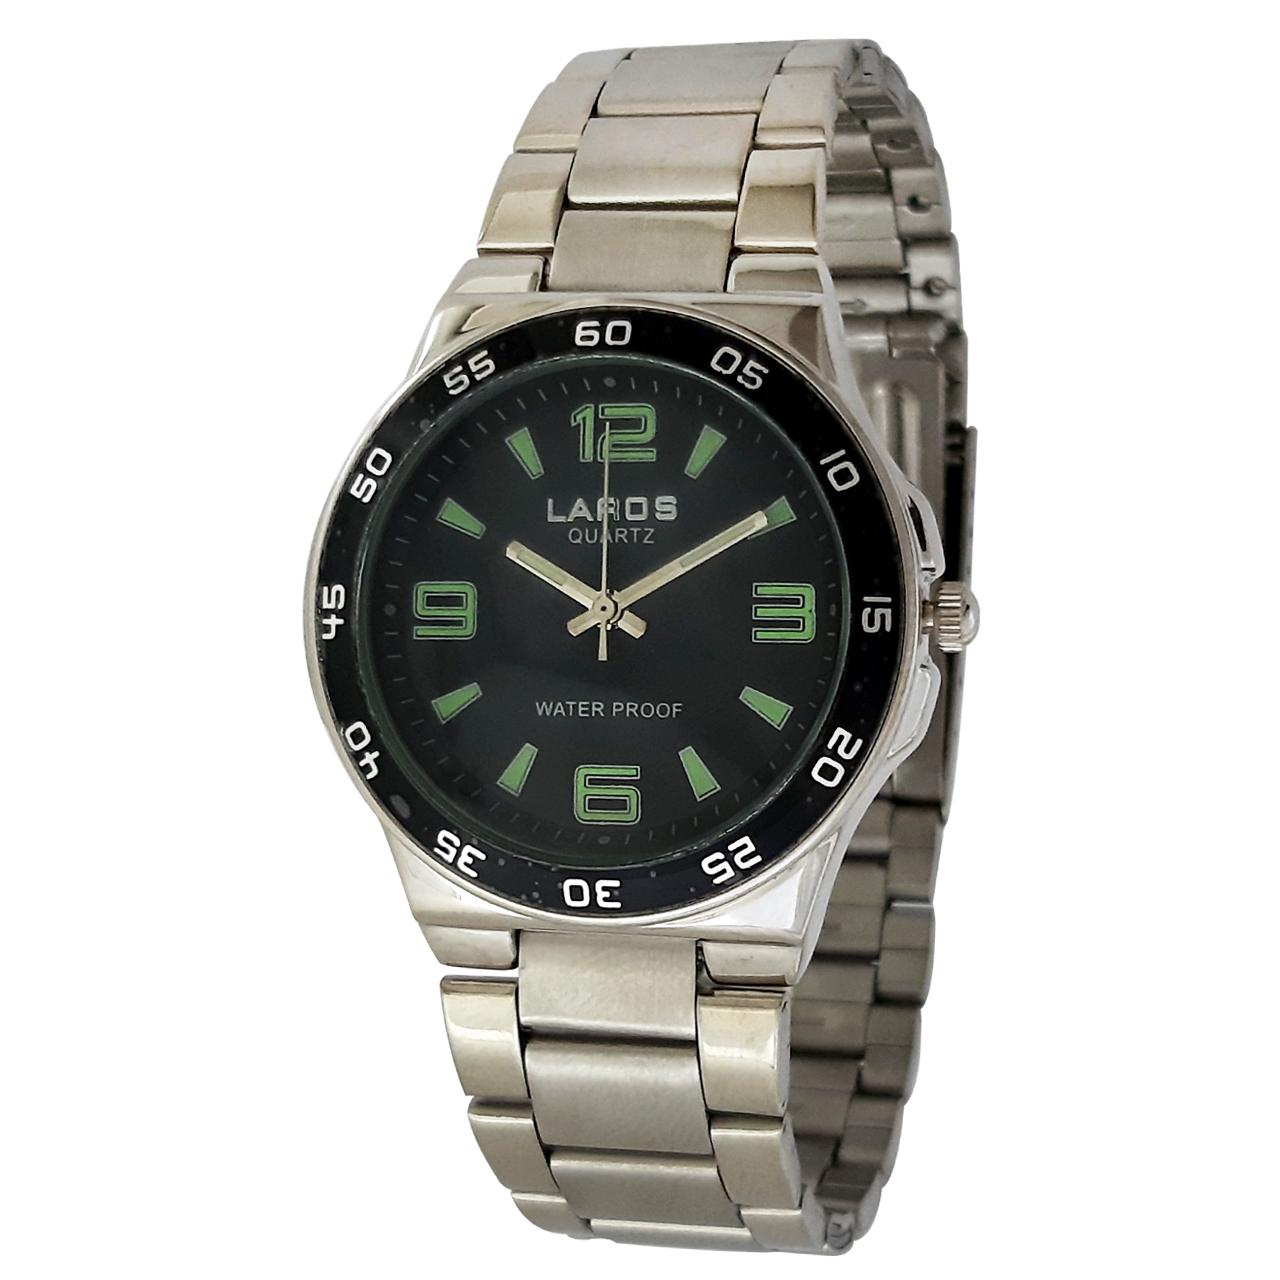 ساعت مچی عقربه ای مردانه لاروس مدل 812-73595 به همراه دستمال مخصوص برند کلین واچ